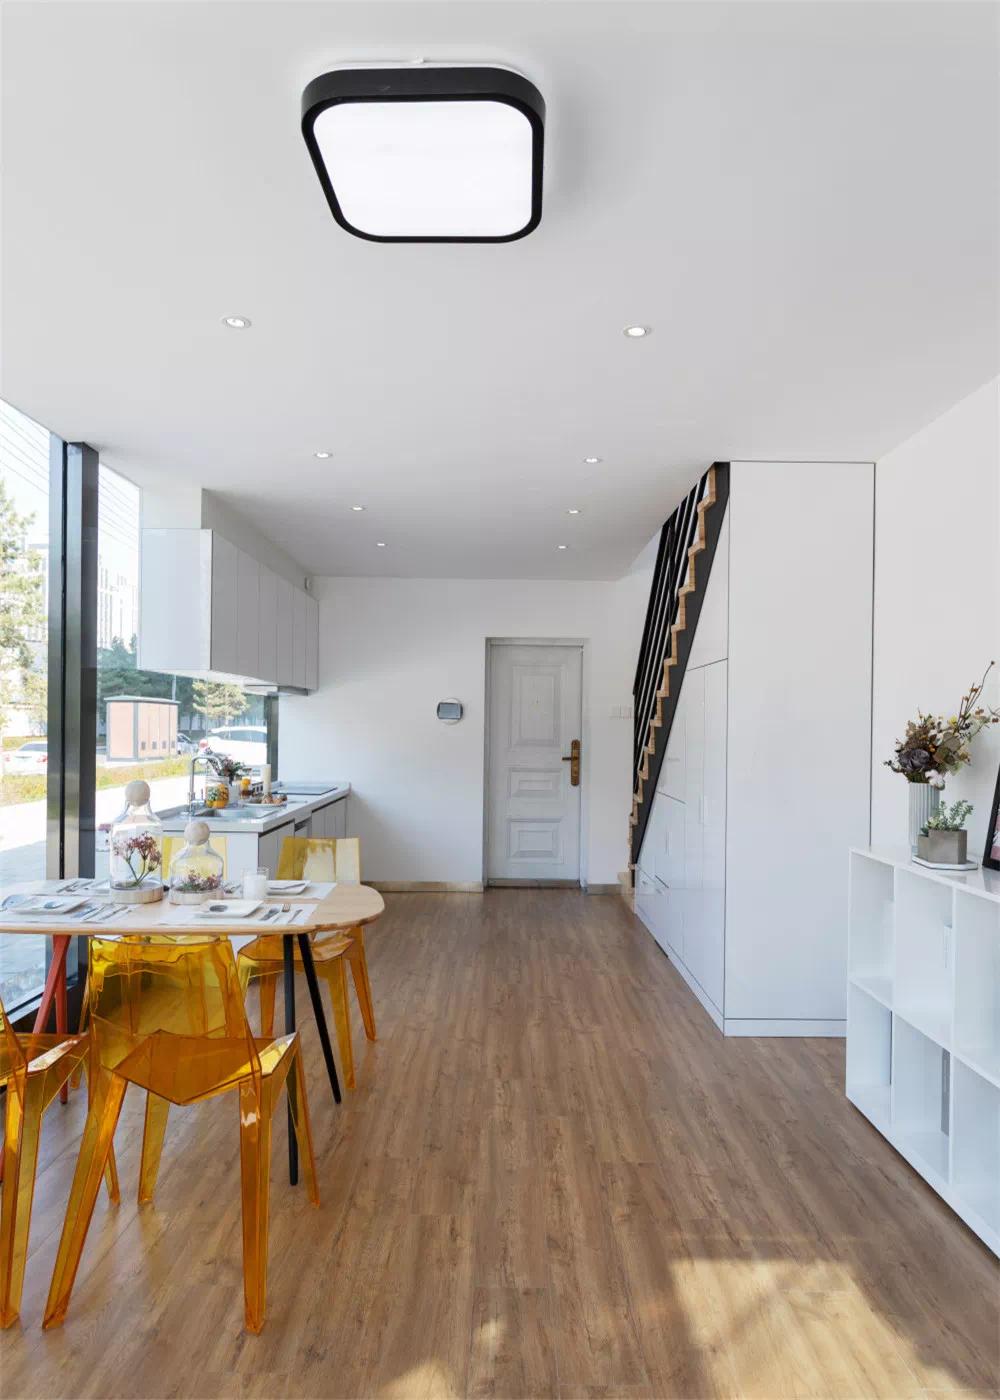 中朵·中心公寓4.0 为革新城市居住标准而来!